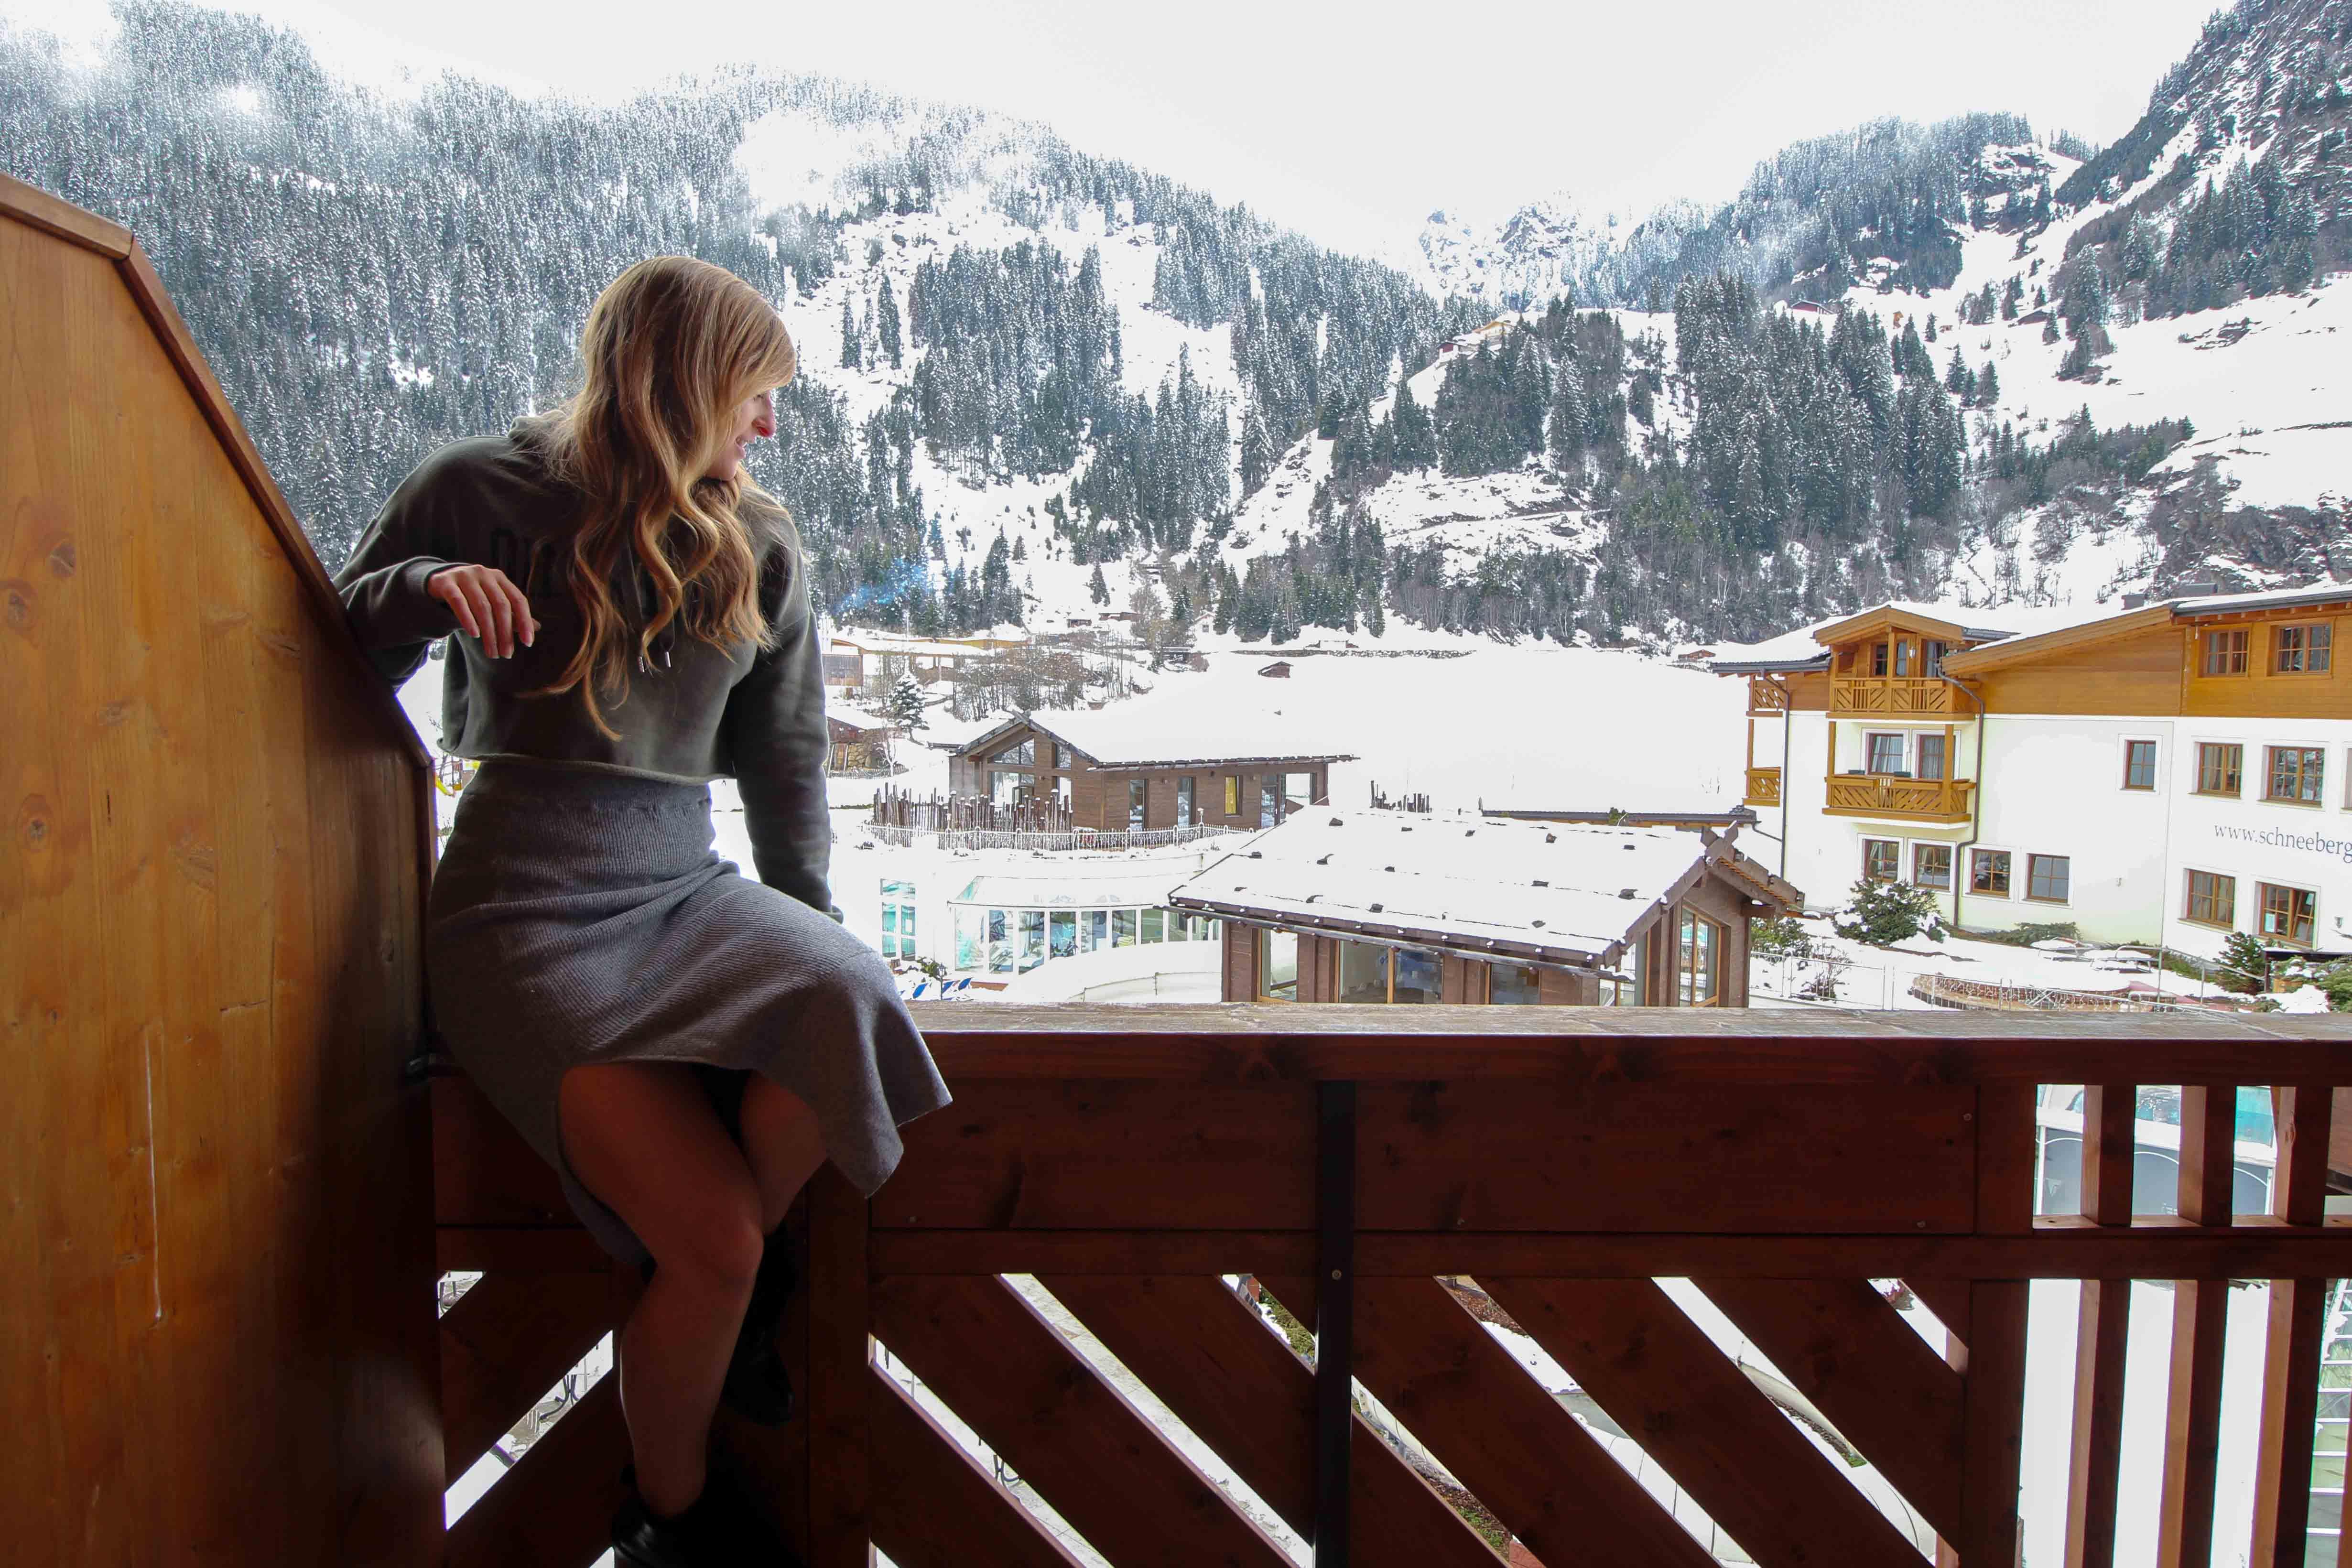 Südtirol Hotel Schneeberg Resort Spa Doppelzimmer Suite Ausblick Balkon Italien Wellnesshotel Reiseblog Wellnessurlaub Kurzurlaub Hotelempfehlung Skiurlaub Winterurlaub